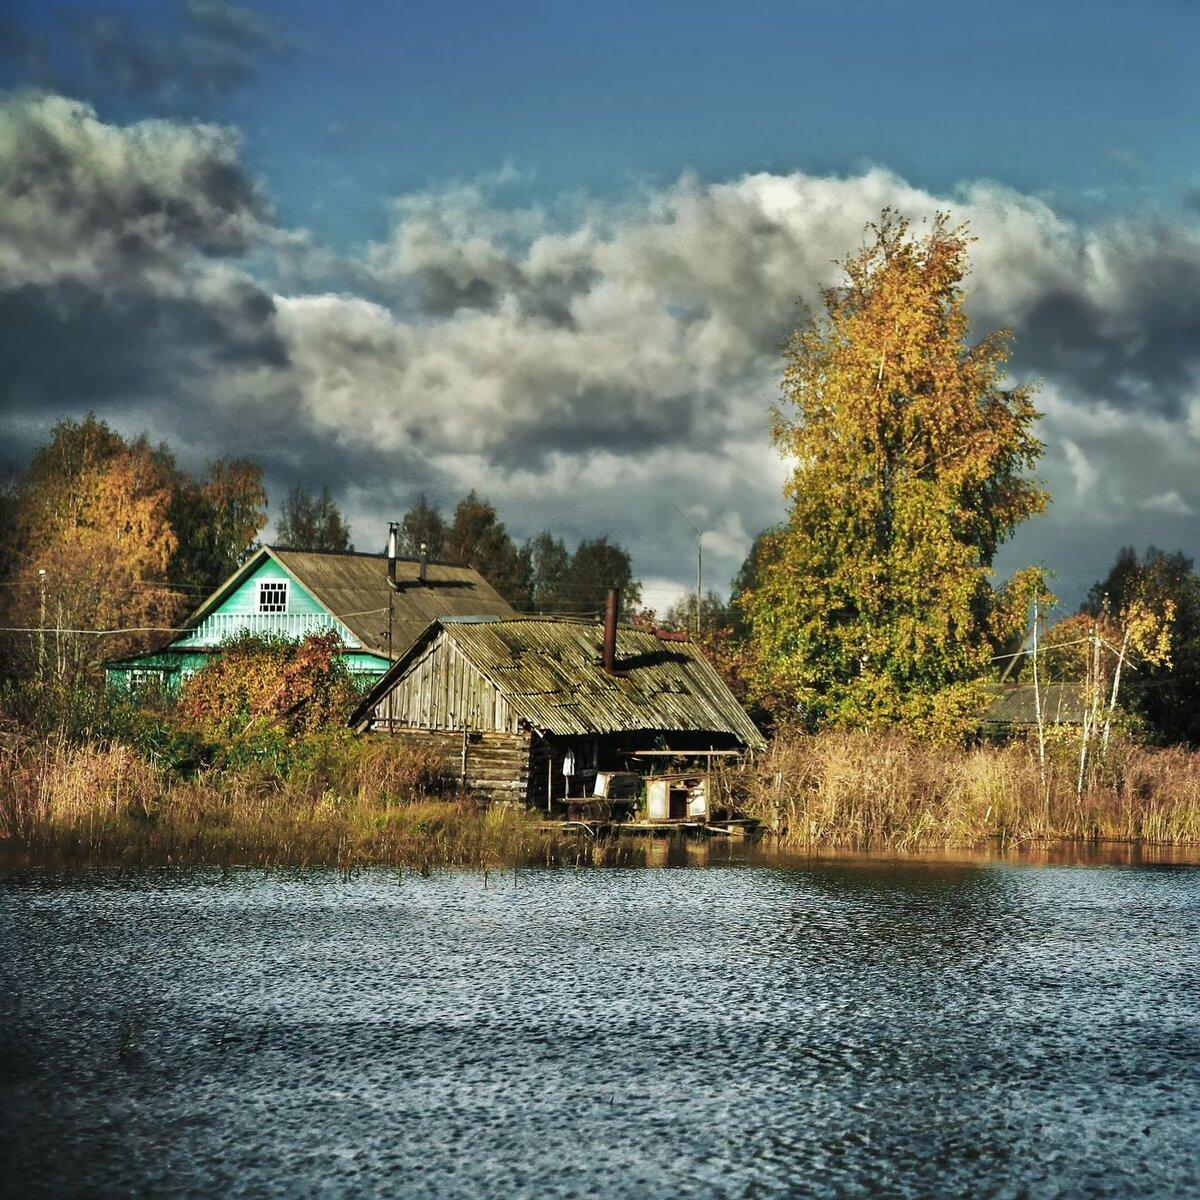 фото красивых деревень в россии менее громкую